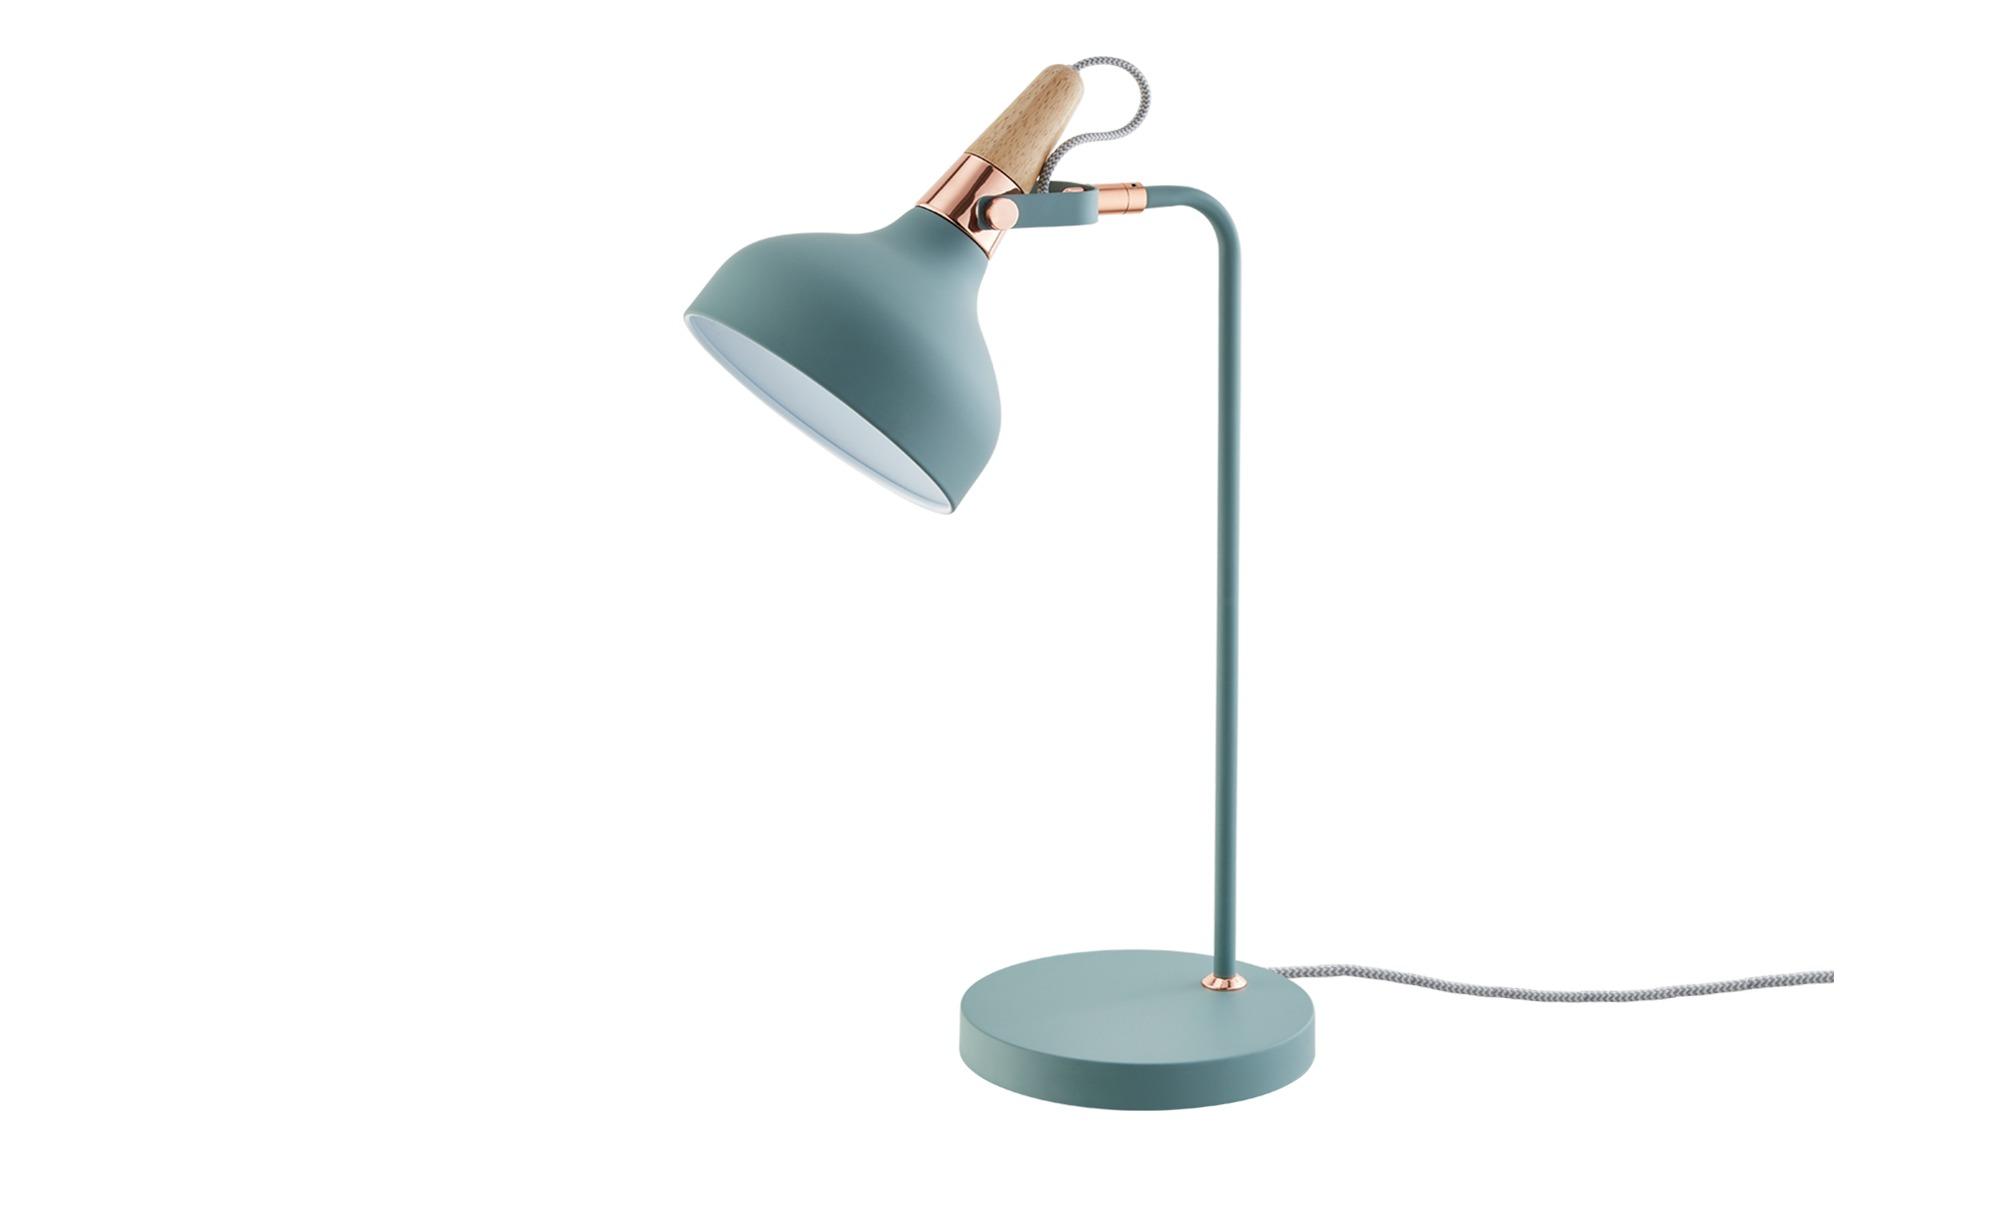 Tischleuchte, 1-flammig ¦ grün ¦ Maße (cm): B: 18 H: 51 T: 25,5 Lampen & Leuchten > Innenleuchten > Tischlampen - Höffner